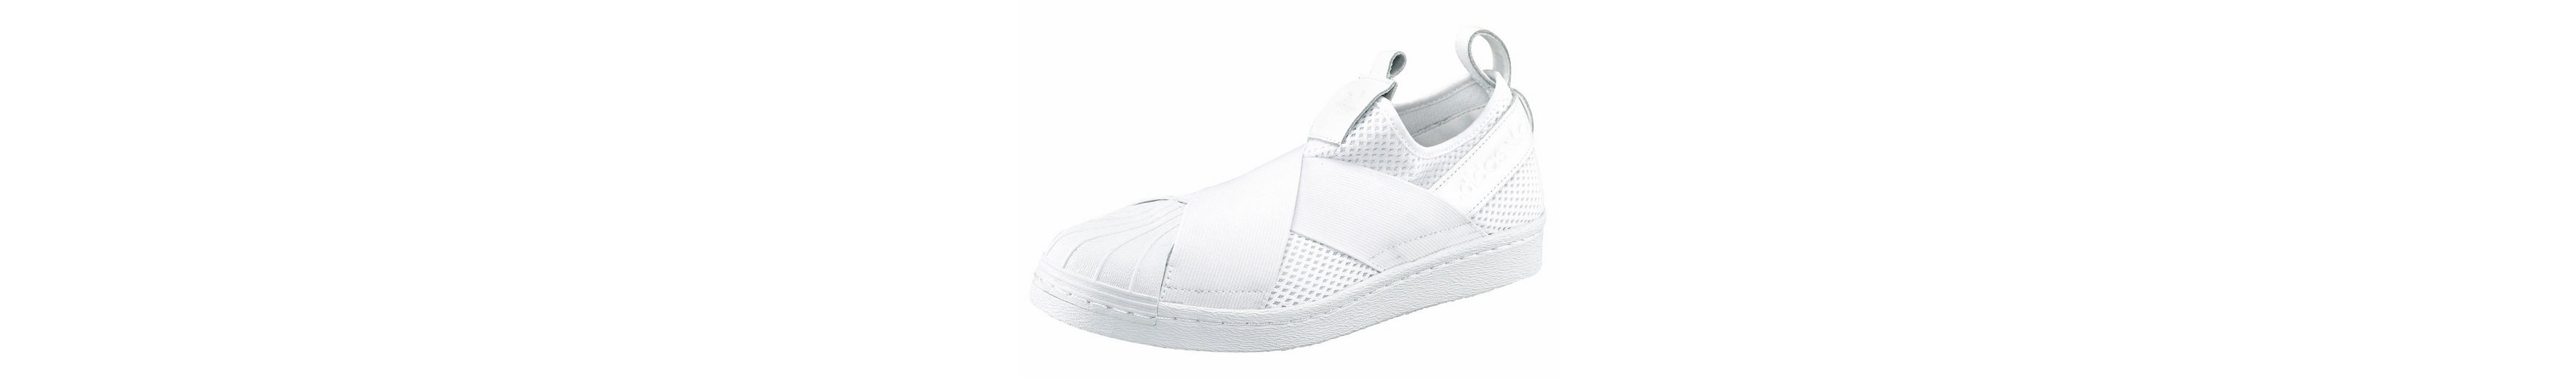 adidas Originals Superstar Slip-On Sneaker